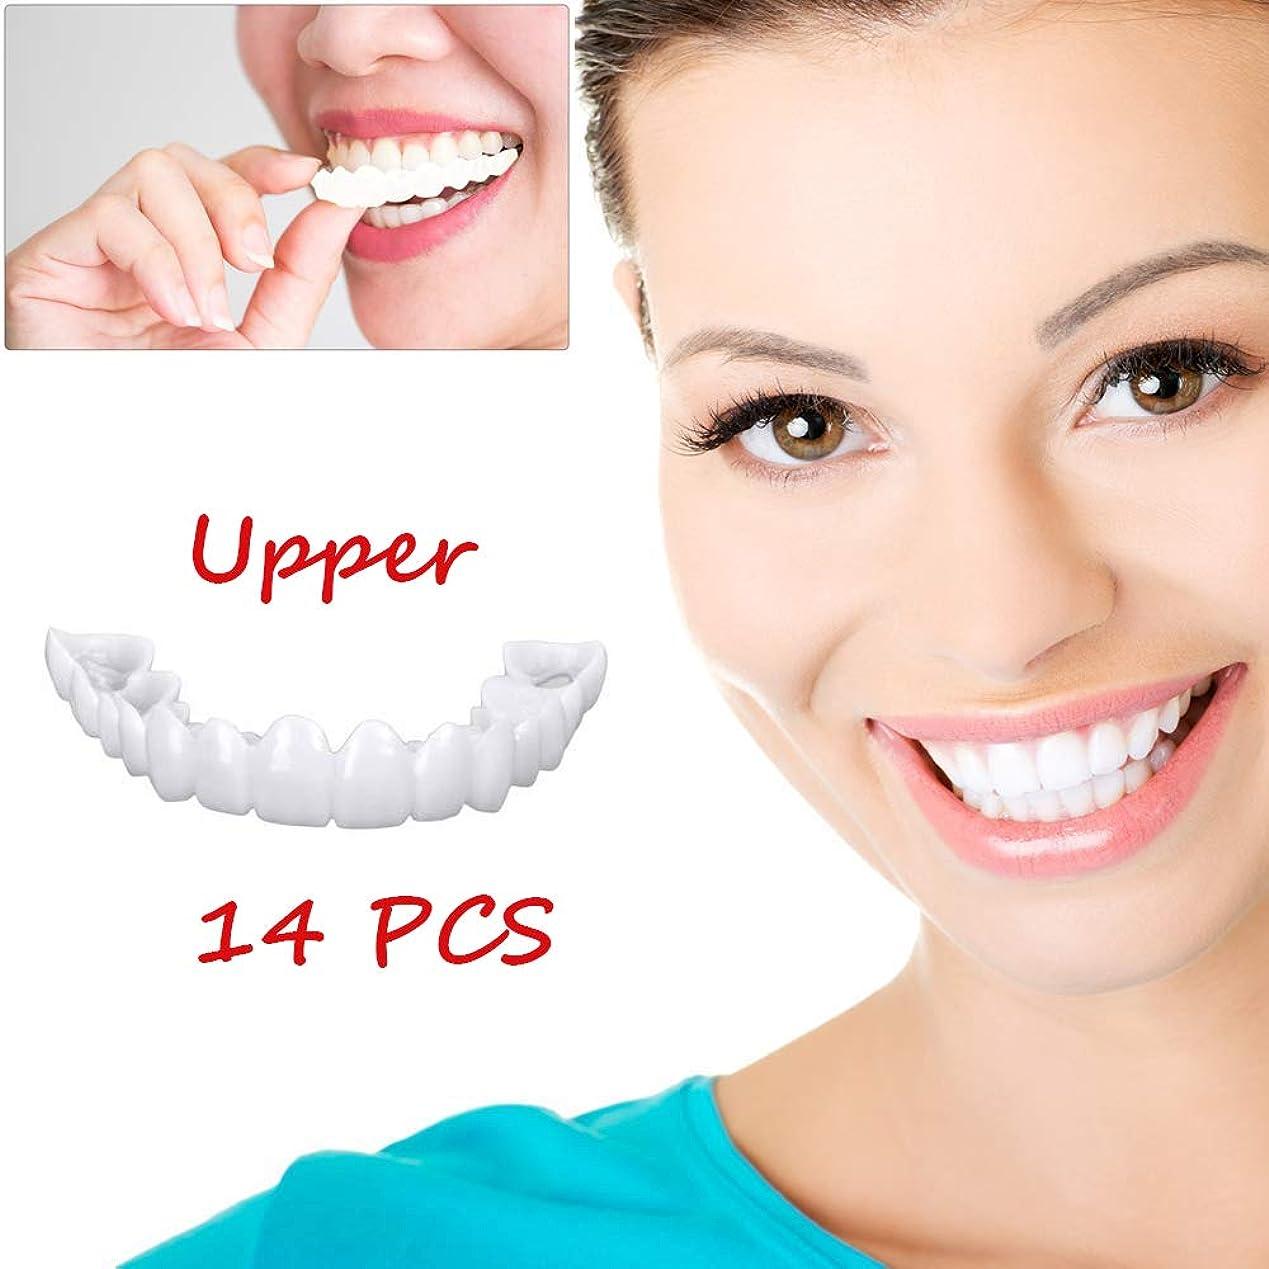 思慮のない貫通する端14ピース快適な柔軟な化粧品の歯上行化粧品義歯ホワイトニングスナップオン笑顔歯の化粧品義歯